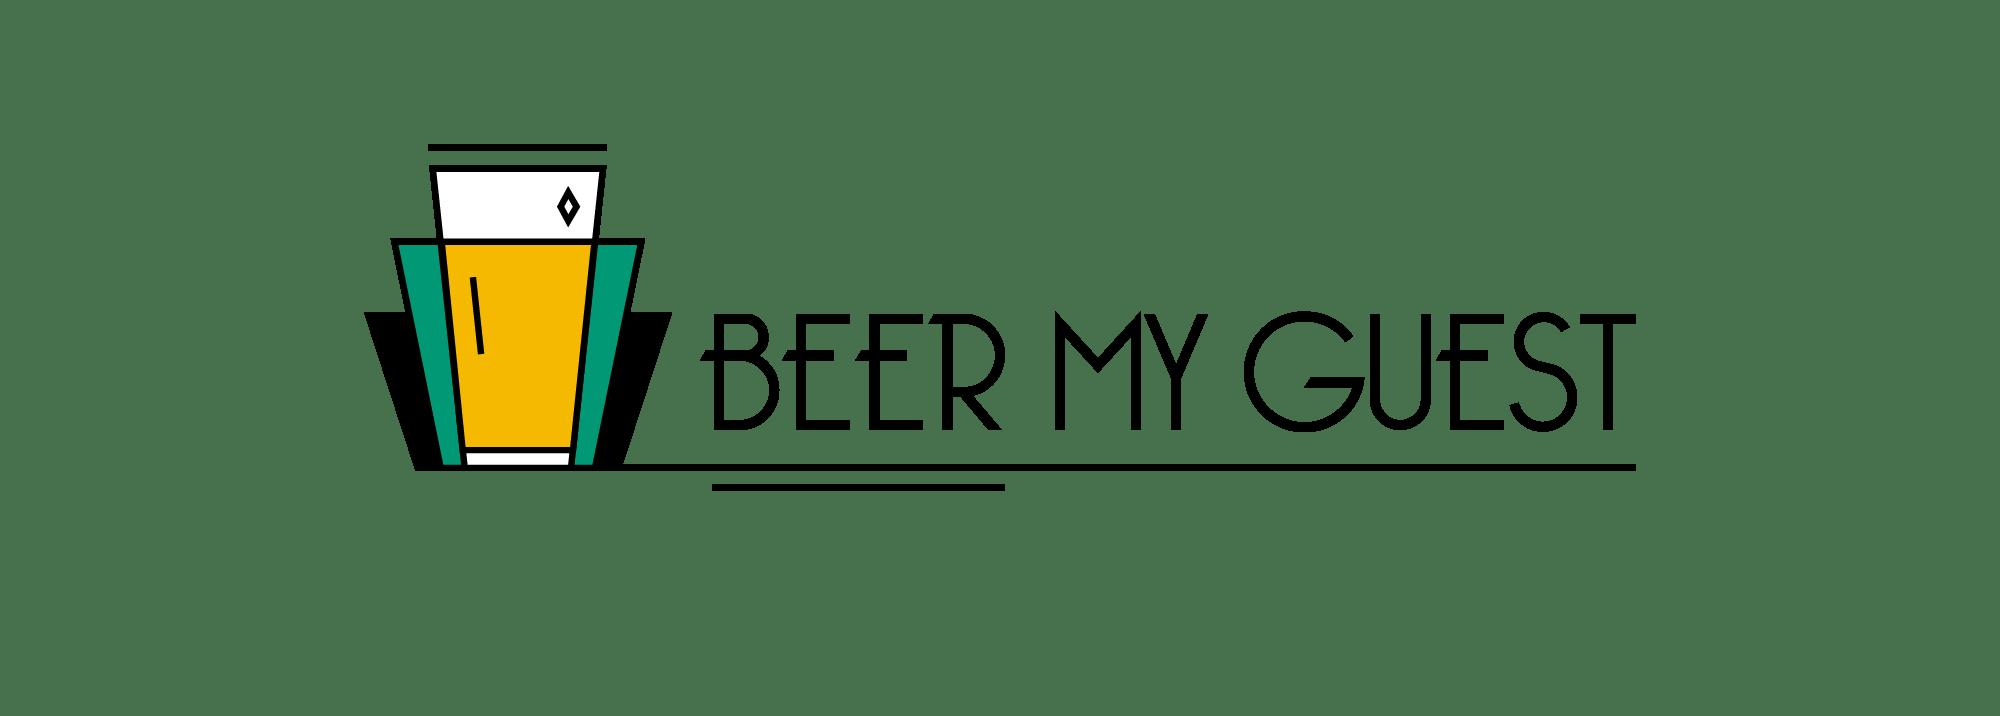 Beer my guest